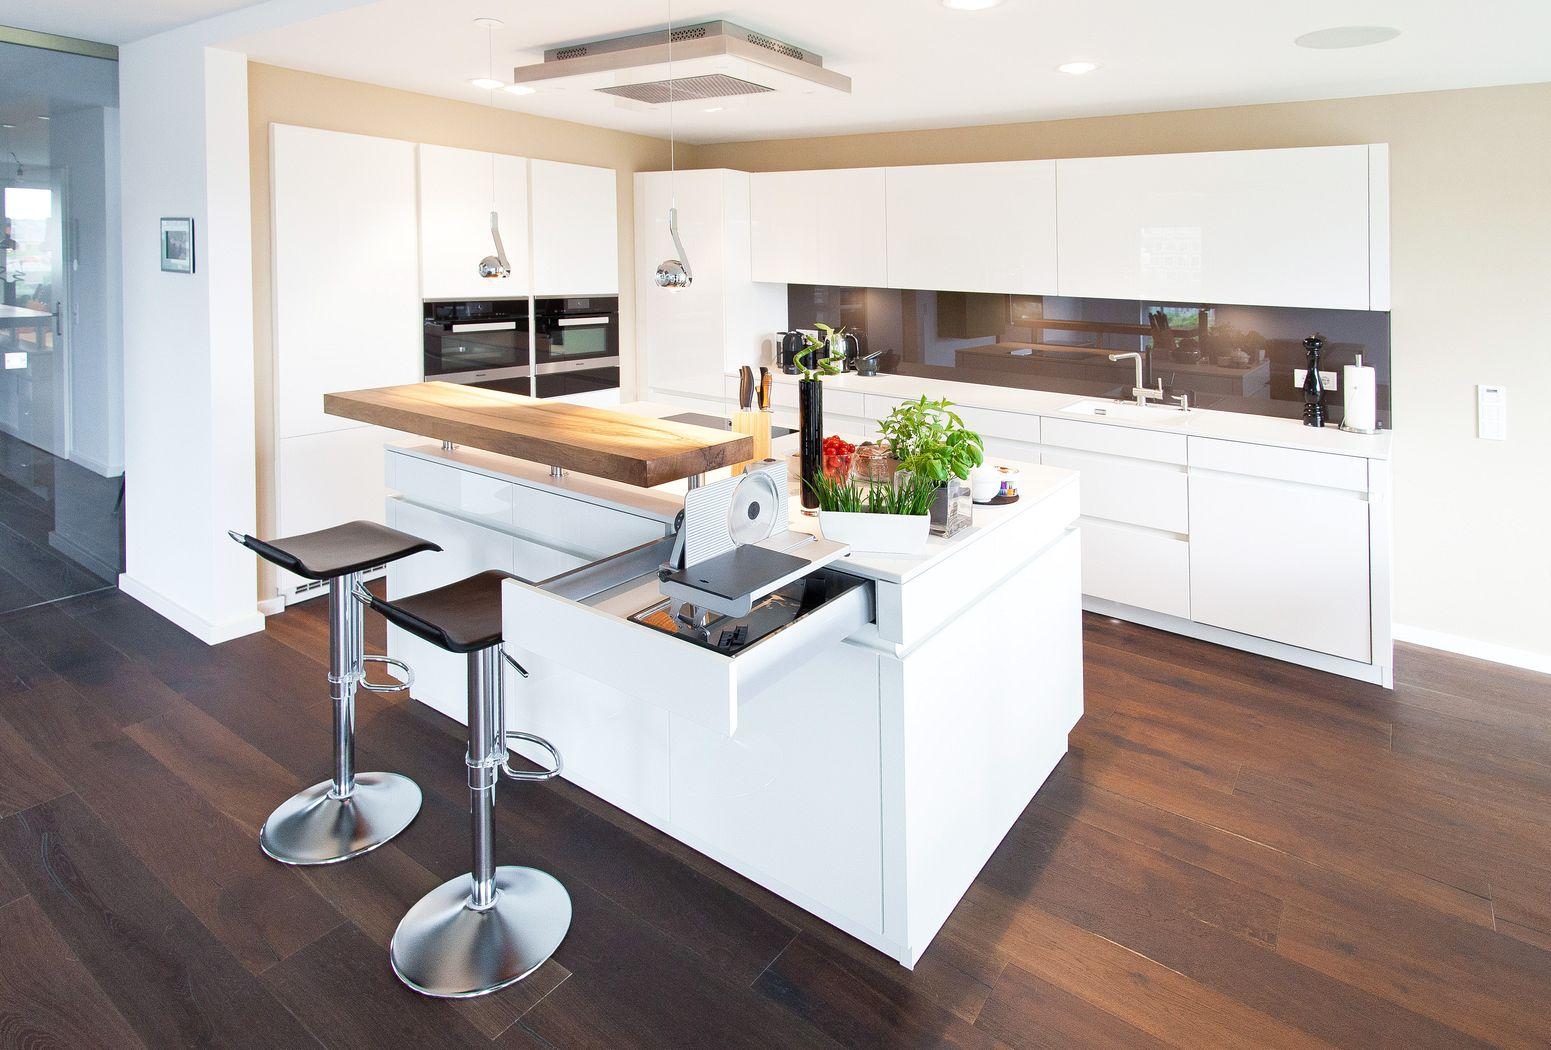 Küche Mit Kochinsel Mit Theke